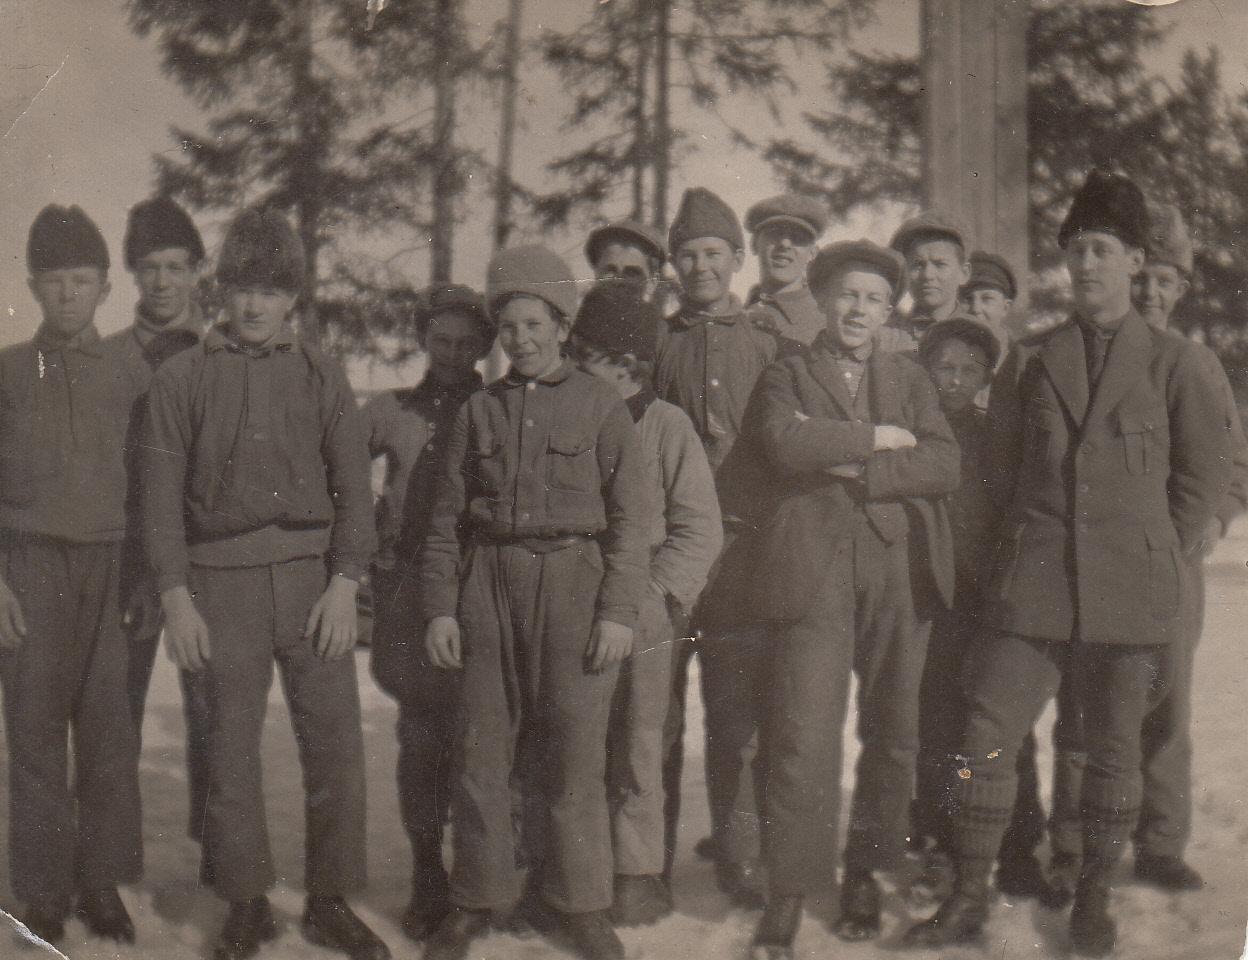 Ett minne från snickarslöjden 1930 teckna Oskar Snällman